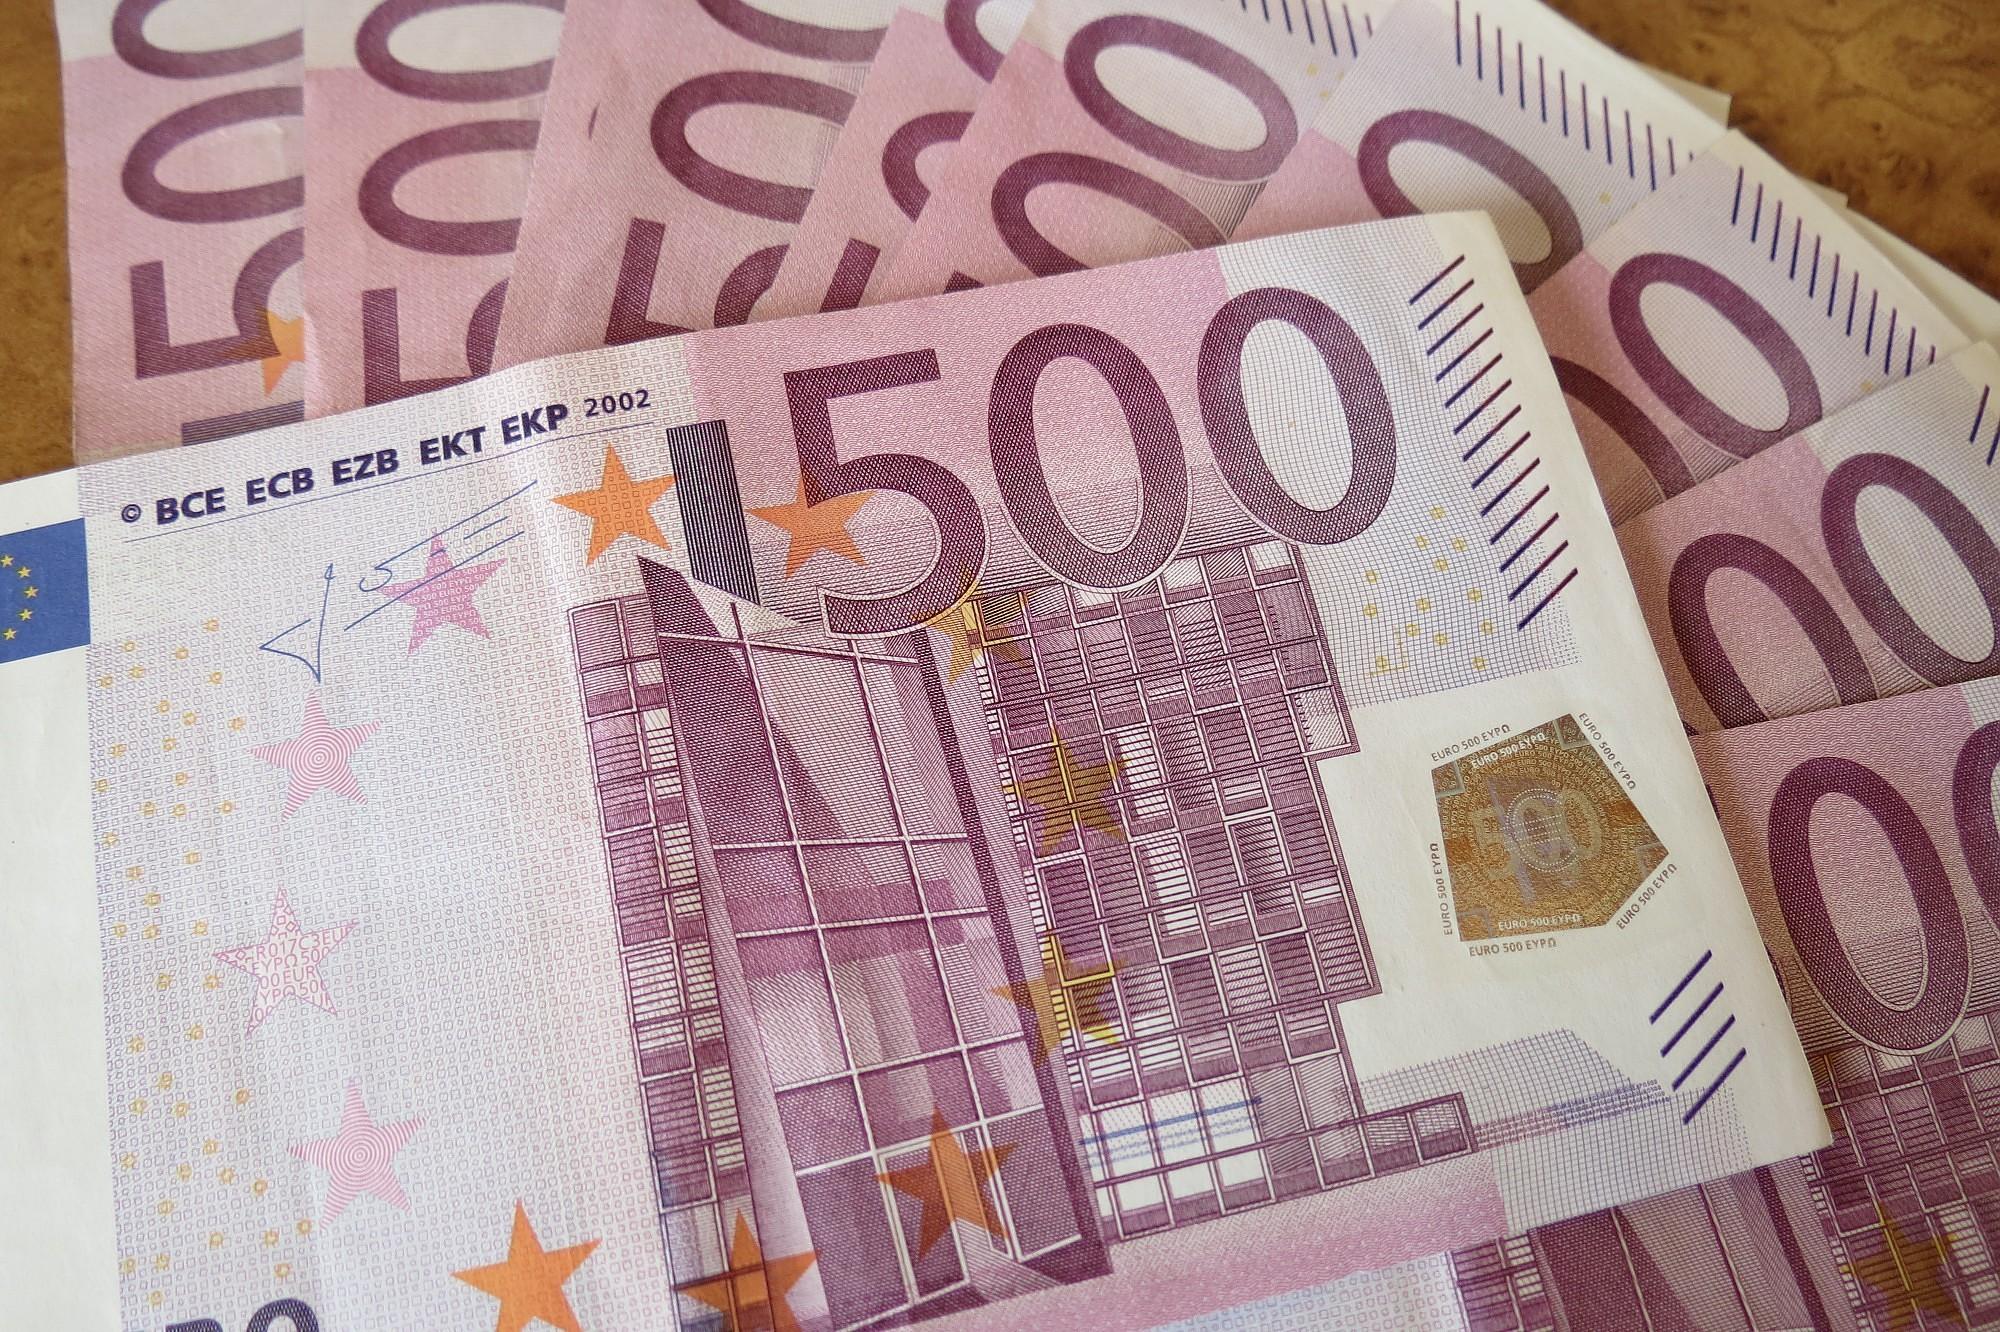 Из-за поддельных продуктов и пиратства 11 отраслей в Латвии ежегодно теряют до 109 млн евро